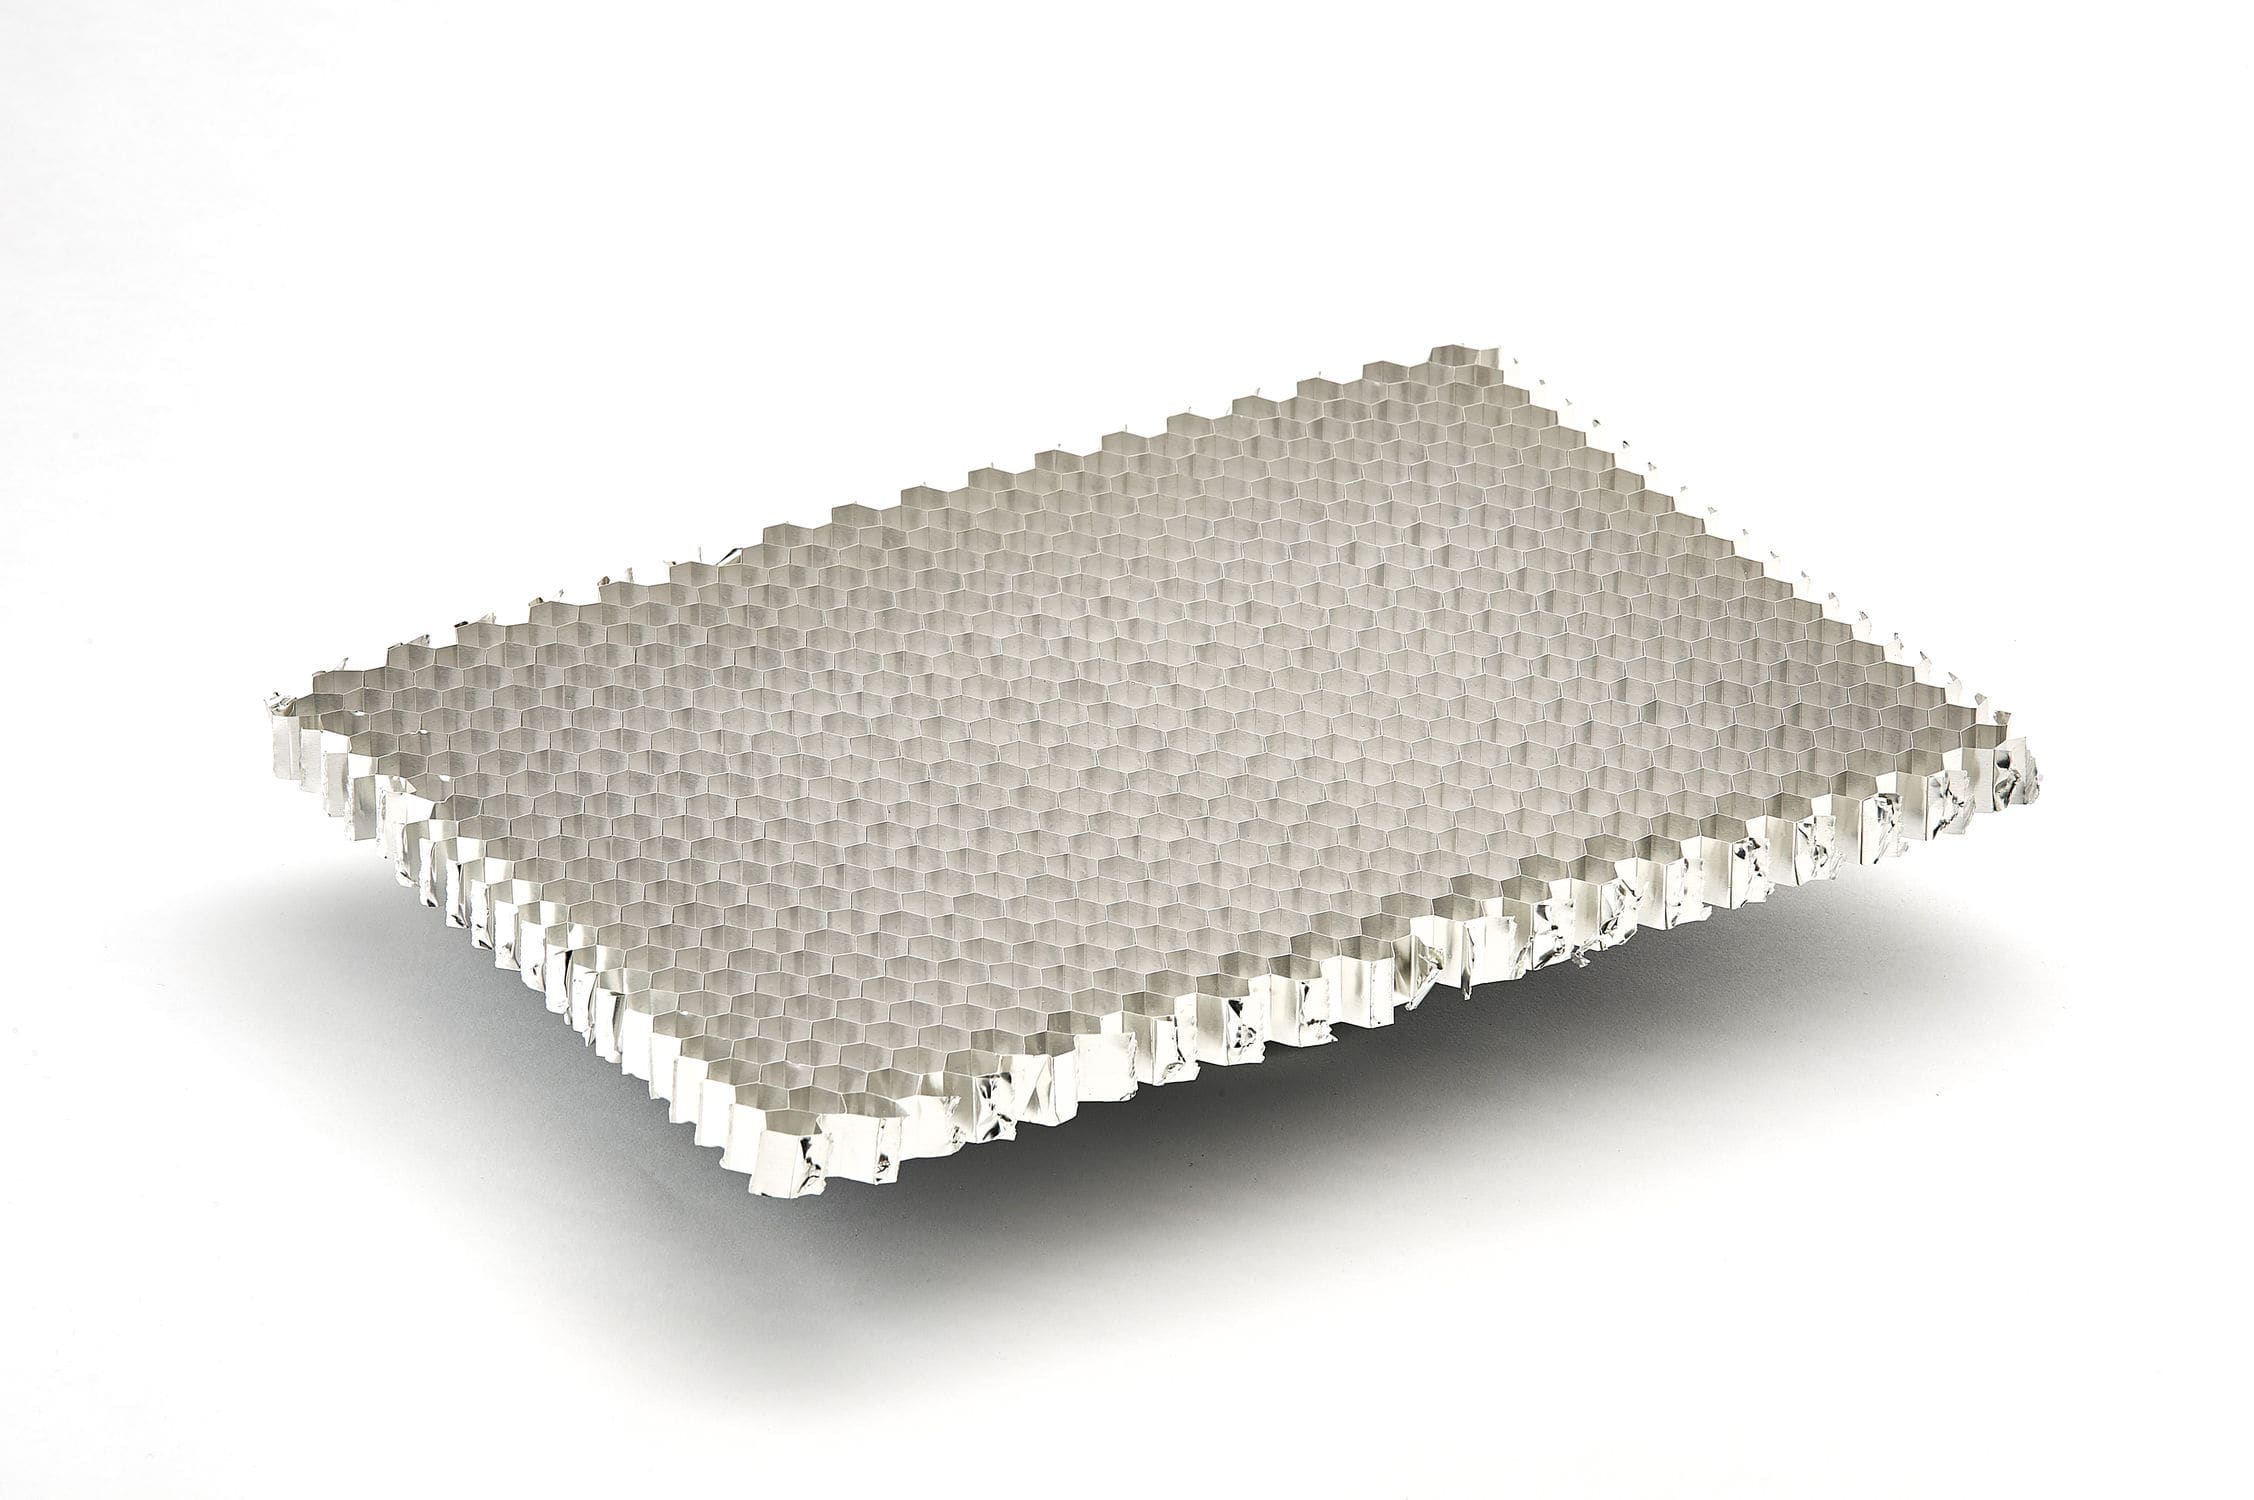 Nido d ape in alluminio per il settore edile per applicazioni